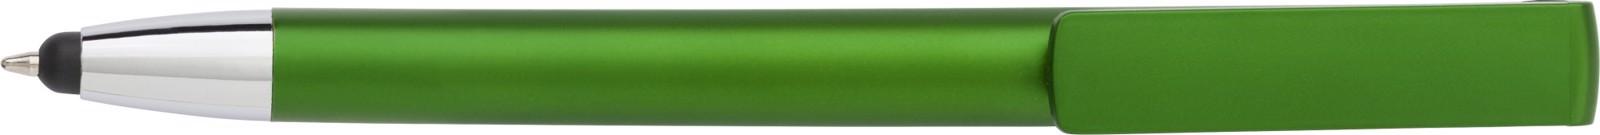 ABS 3-in-1 ballpen - Green